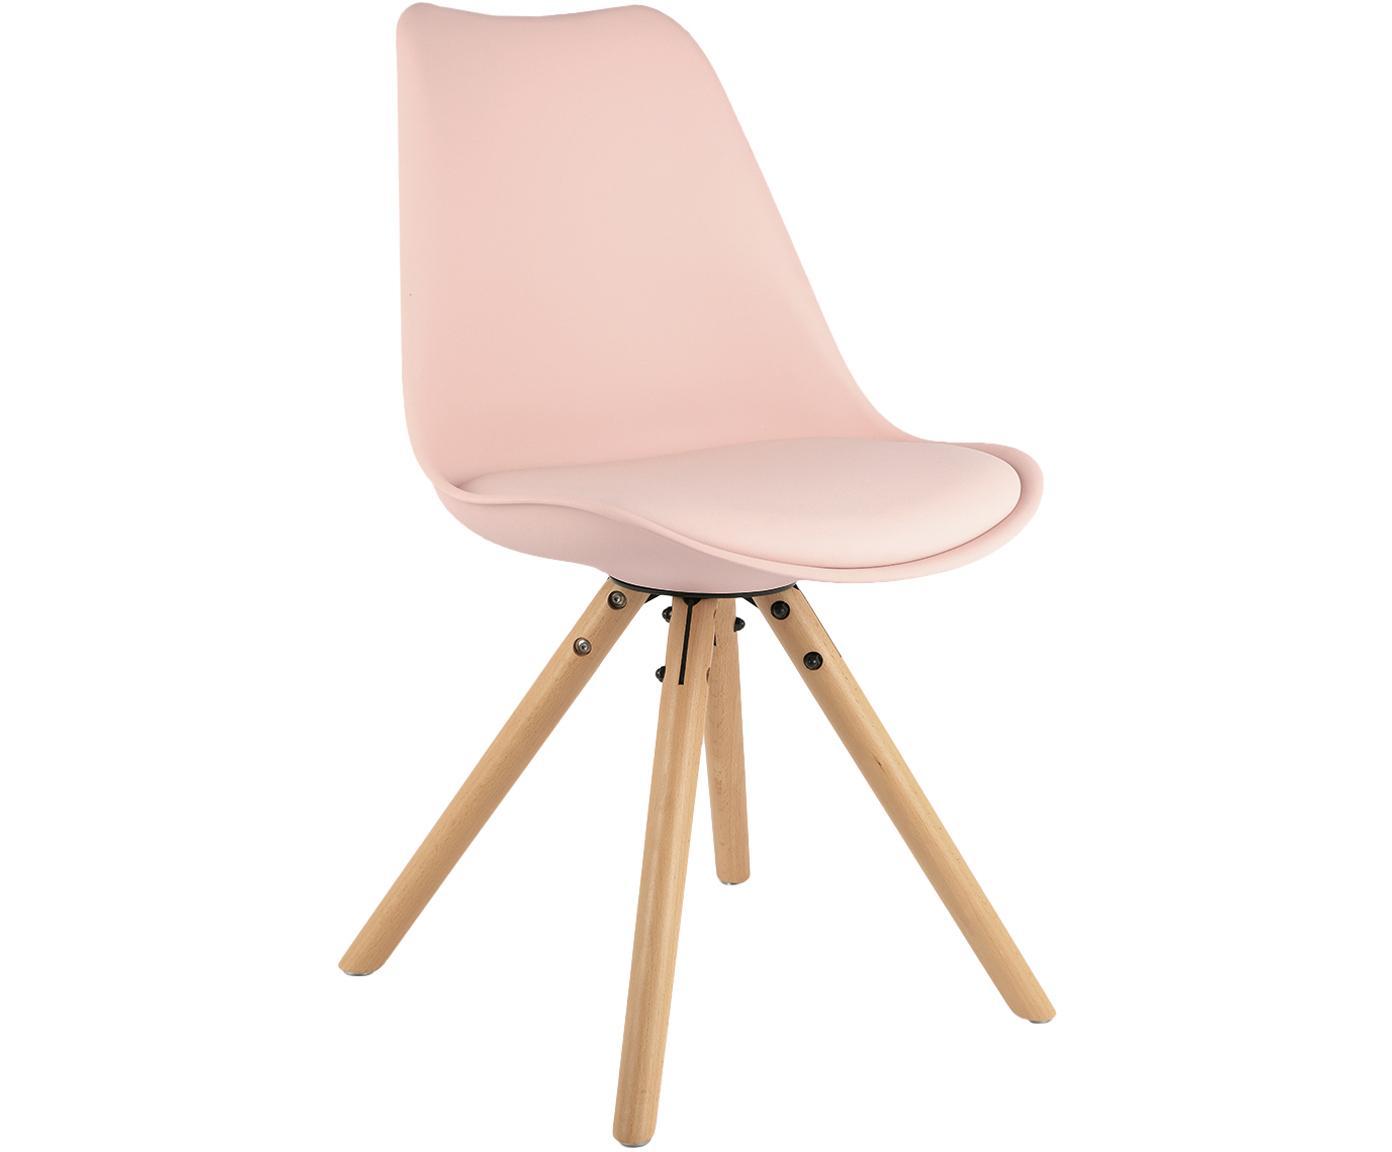 Sillas con asiento de cuero sintético Max, 2uds., Asiento: cuero sintético (poliuret, Asiento: plástico, Patas: madera de haya, Rosa, An 46 x F 54 cm